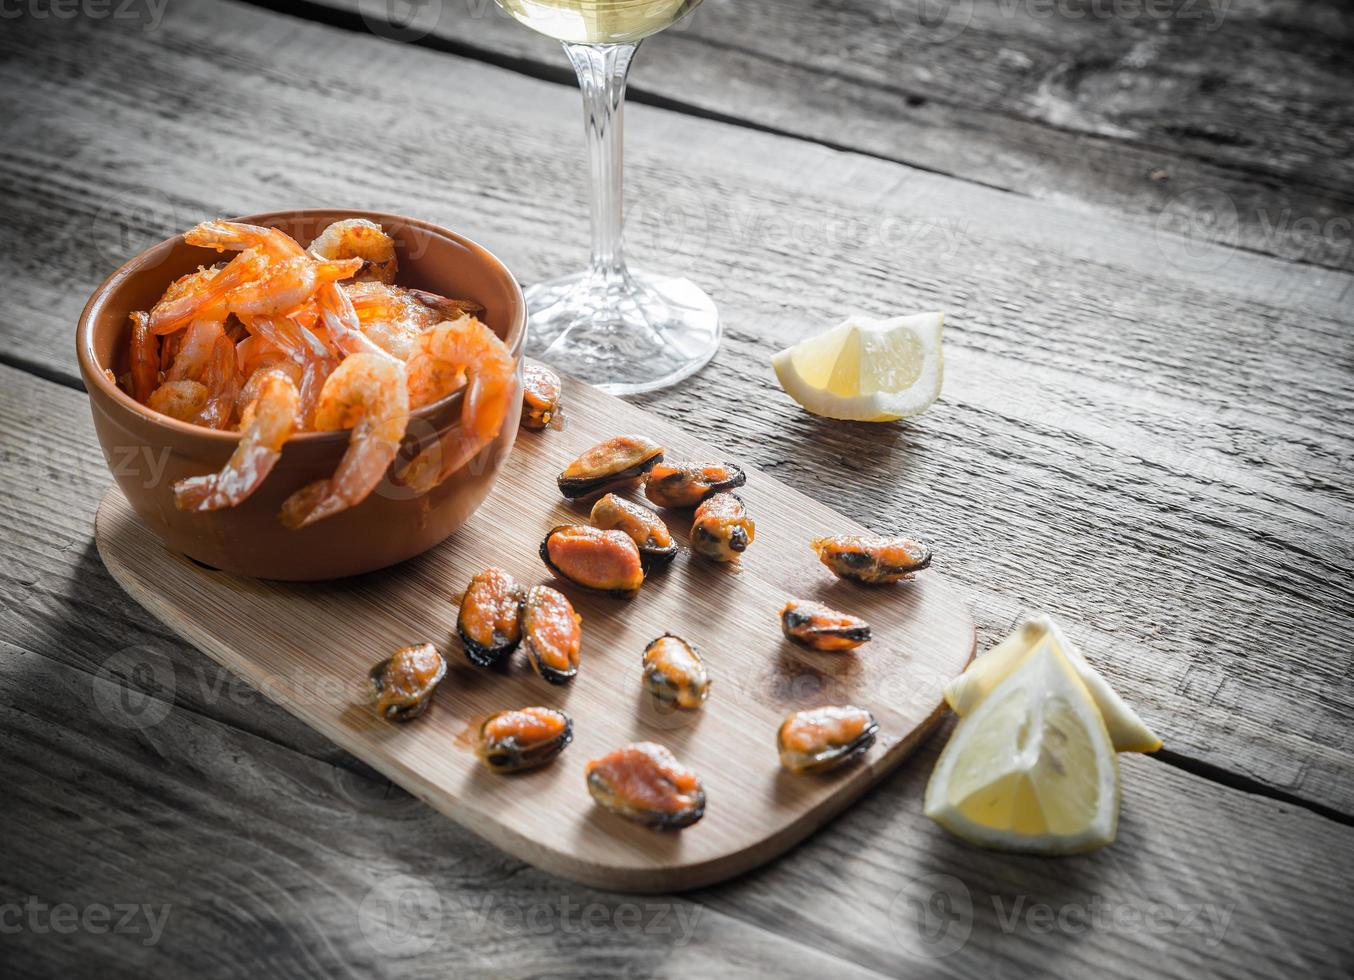 gamberi e cozze fritti con un bicchiere di vino bianco foto